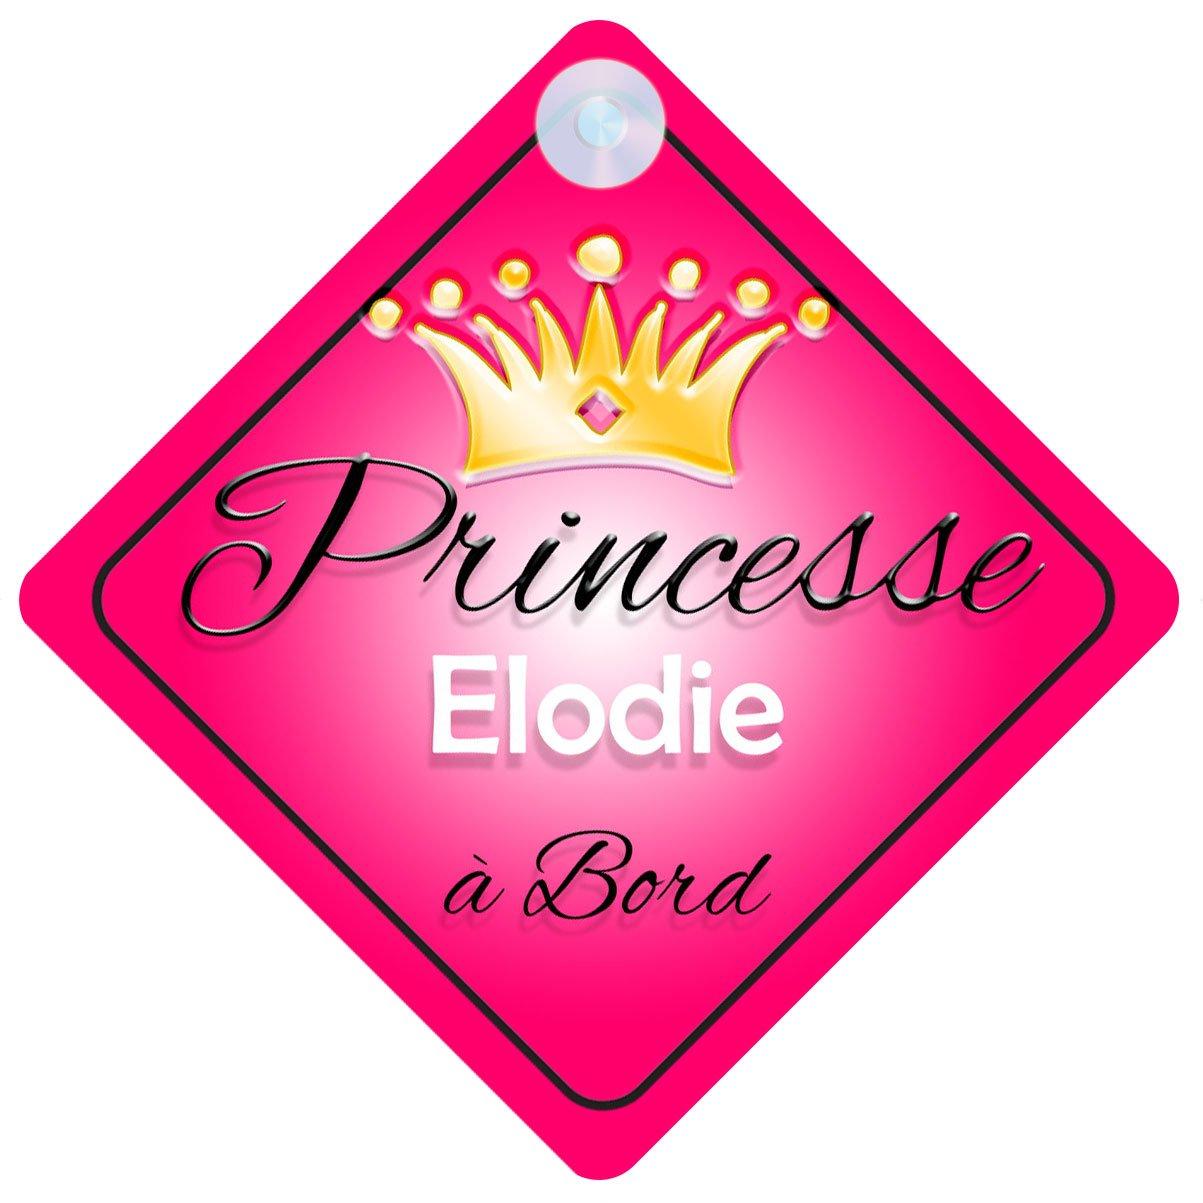 Princesse 001 Elodie Signe Pour Voiture Enfant/Bébé à Bord Quality Goods Ltd